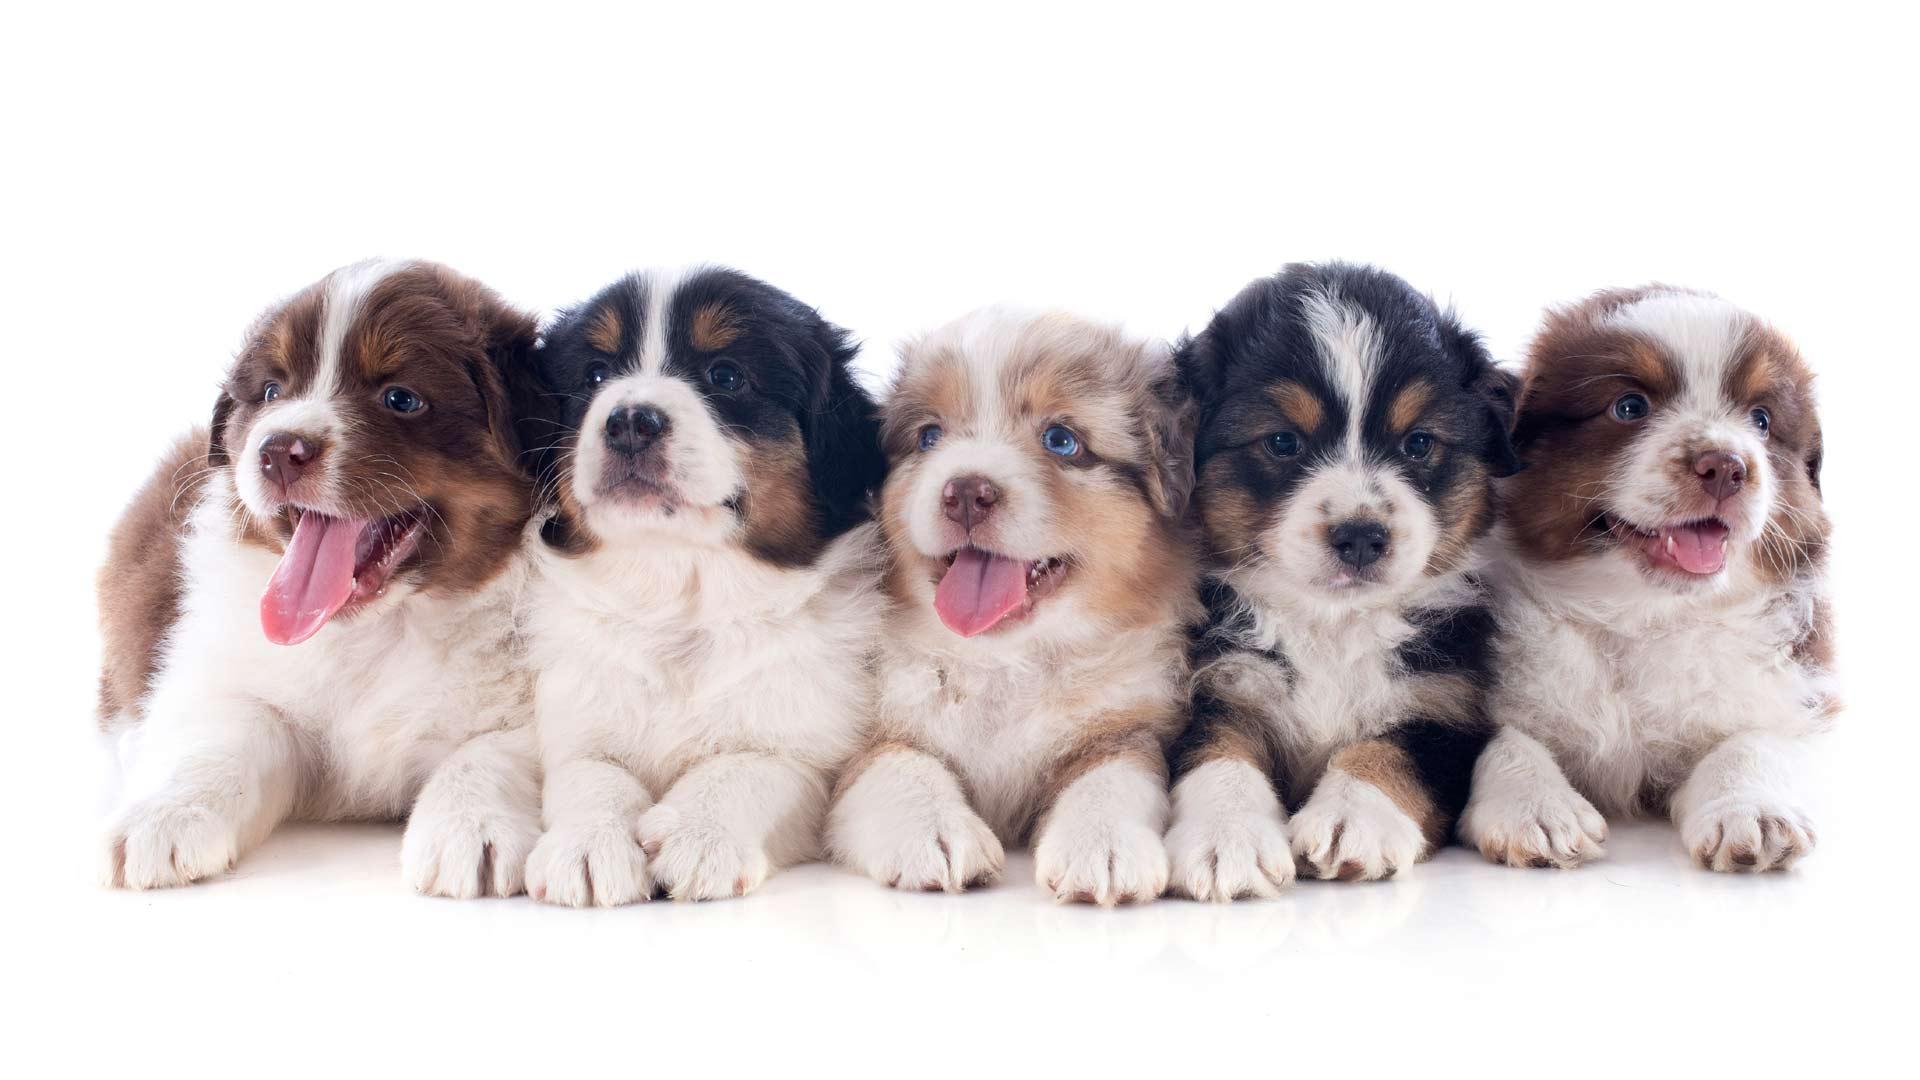 Estos cachorros sí que tienen ritmo. Y por lo visto, les gusta bailar clásicos de la década de los 90